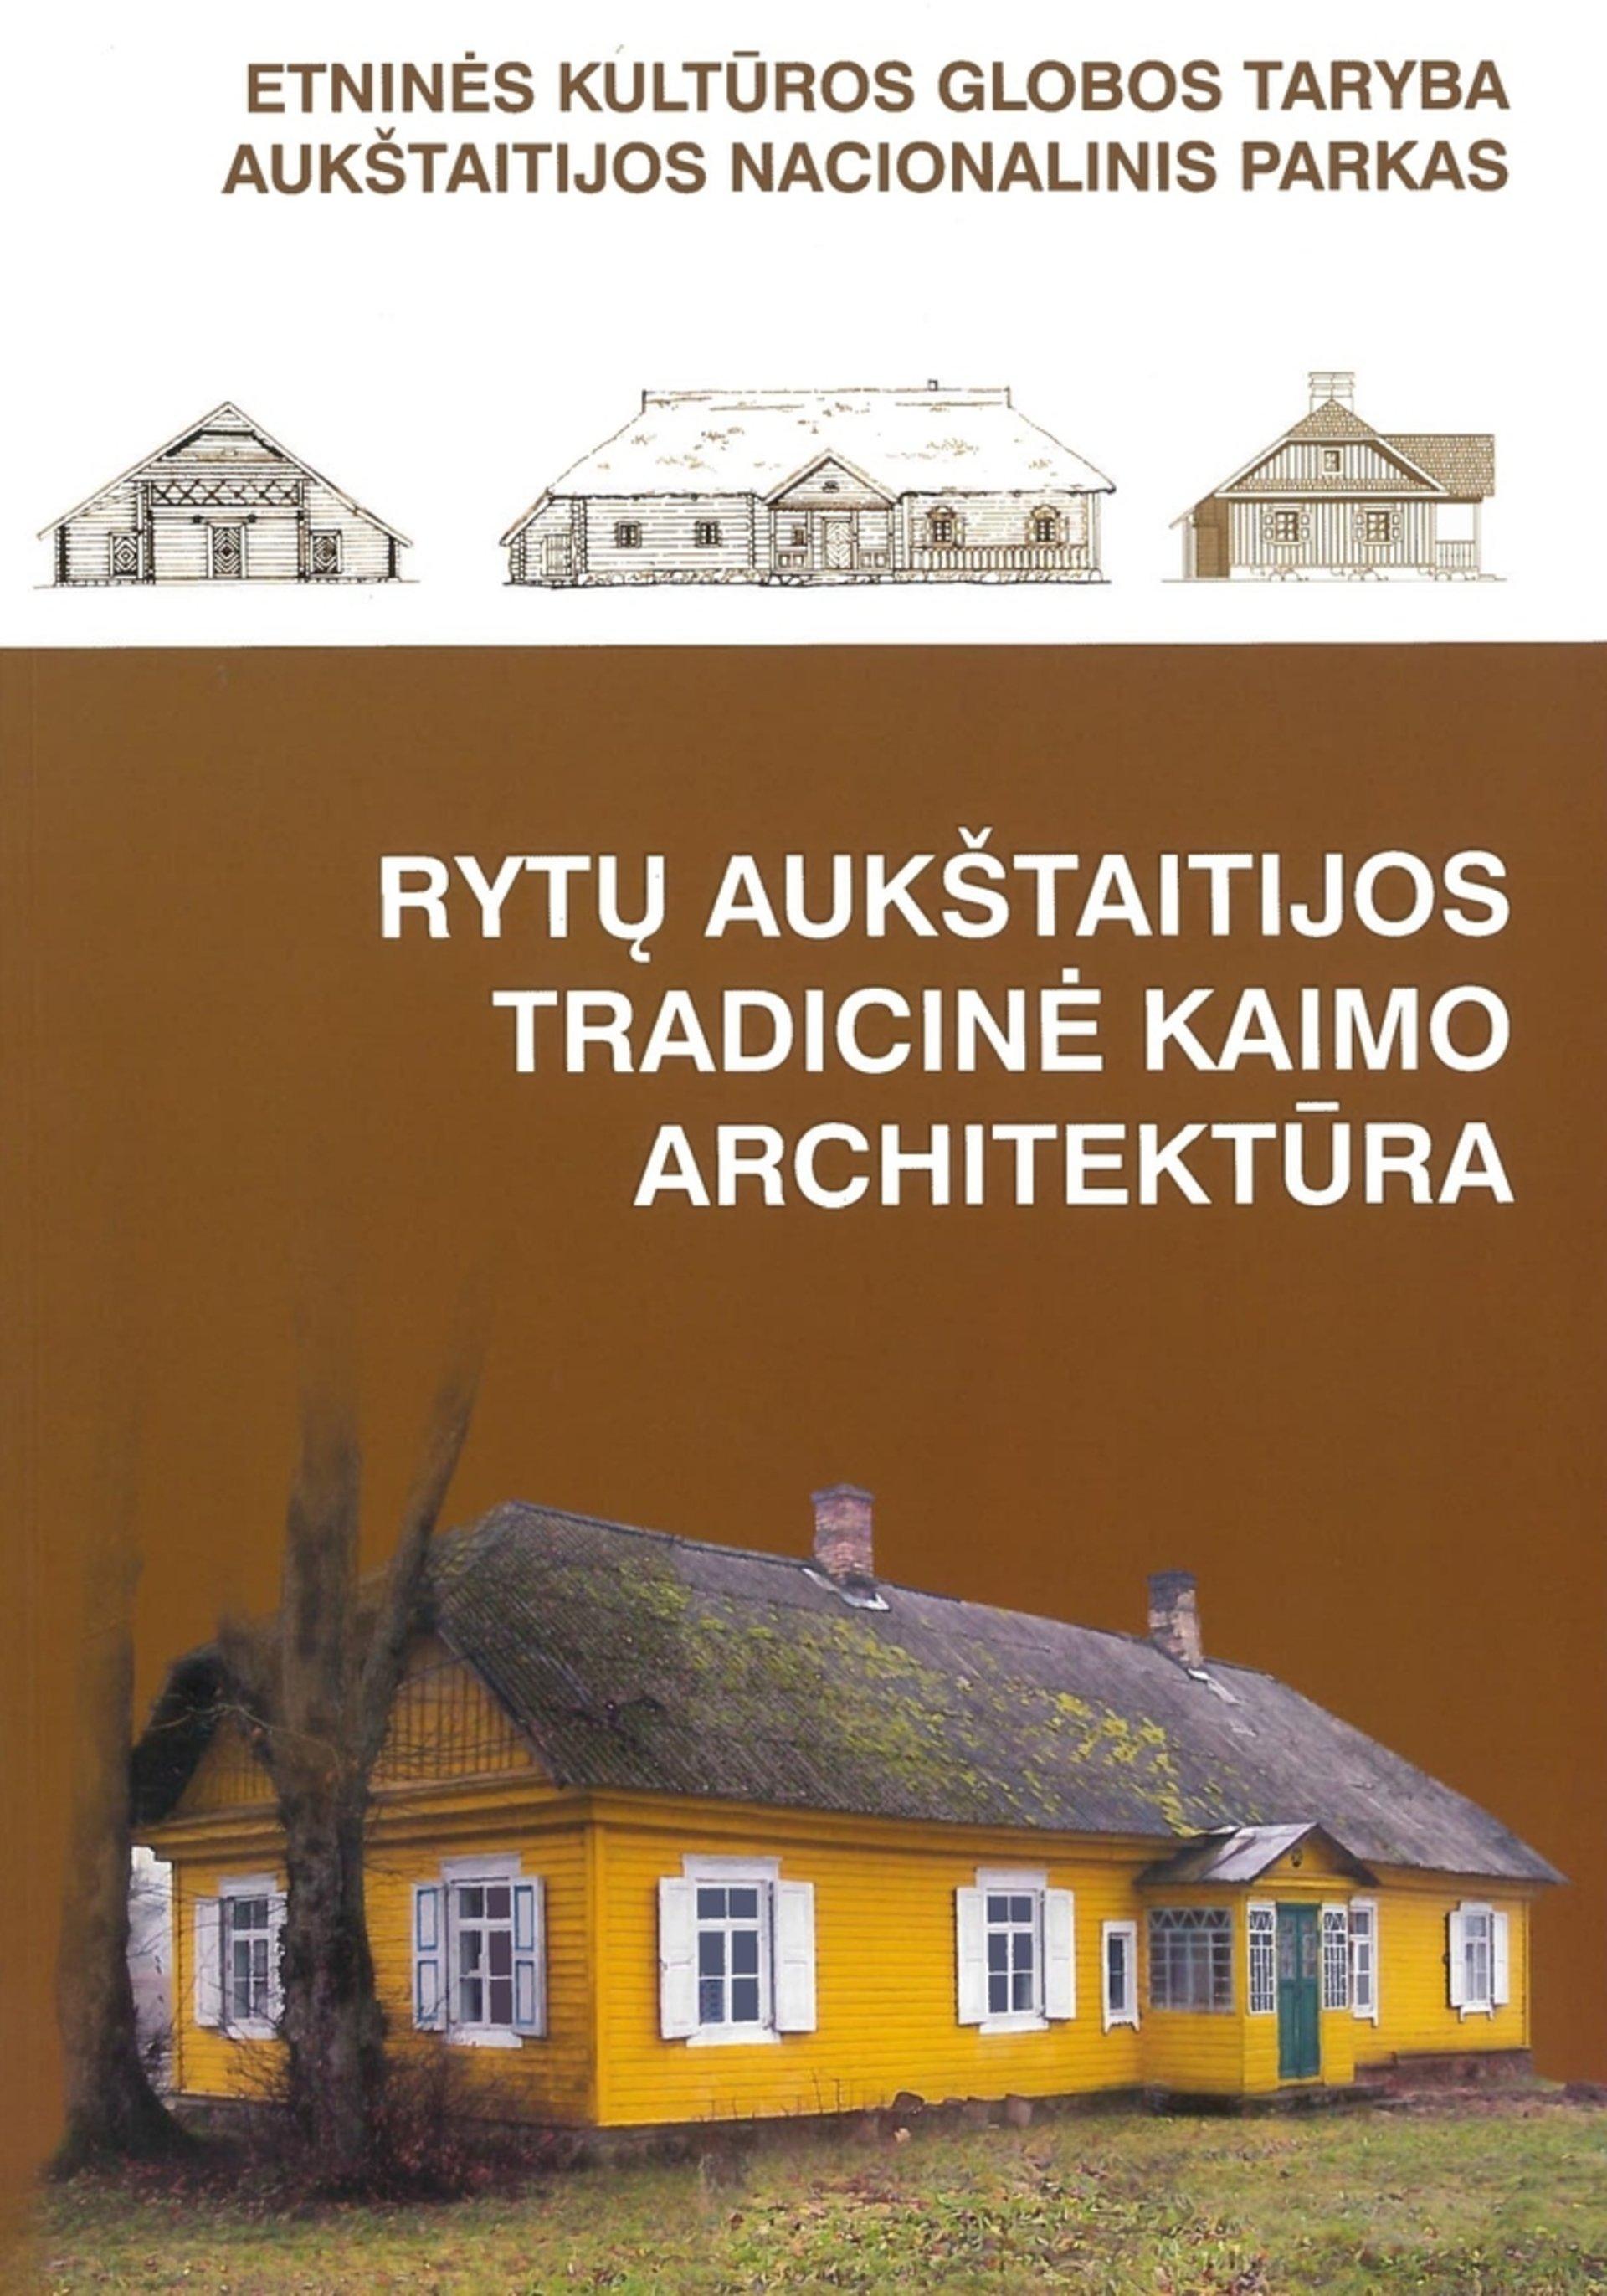 Rytų Aukštaitijos tradicinė kaimo architektūra